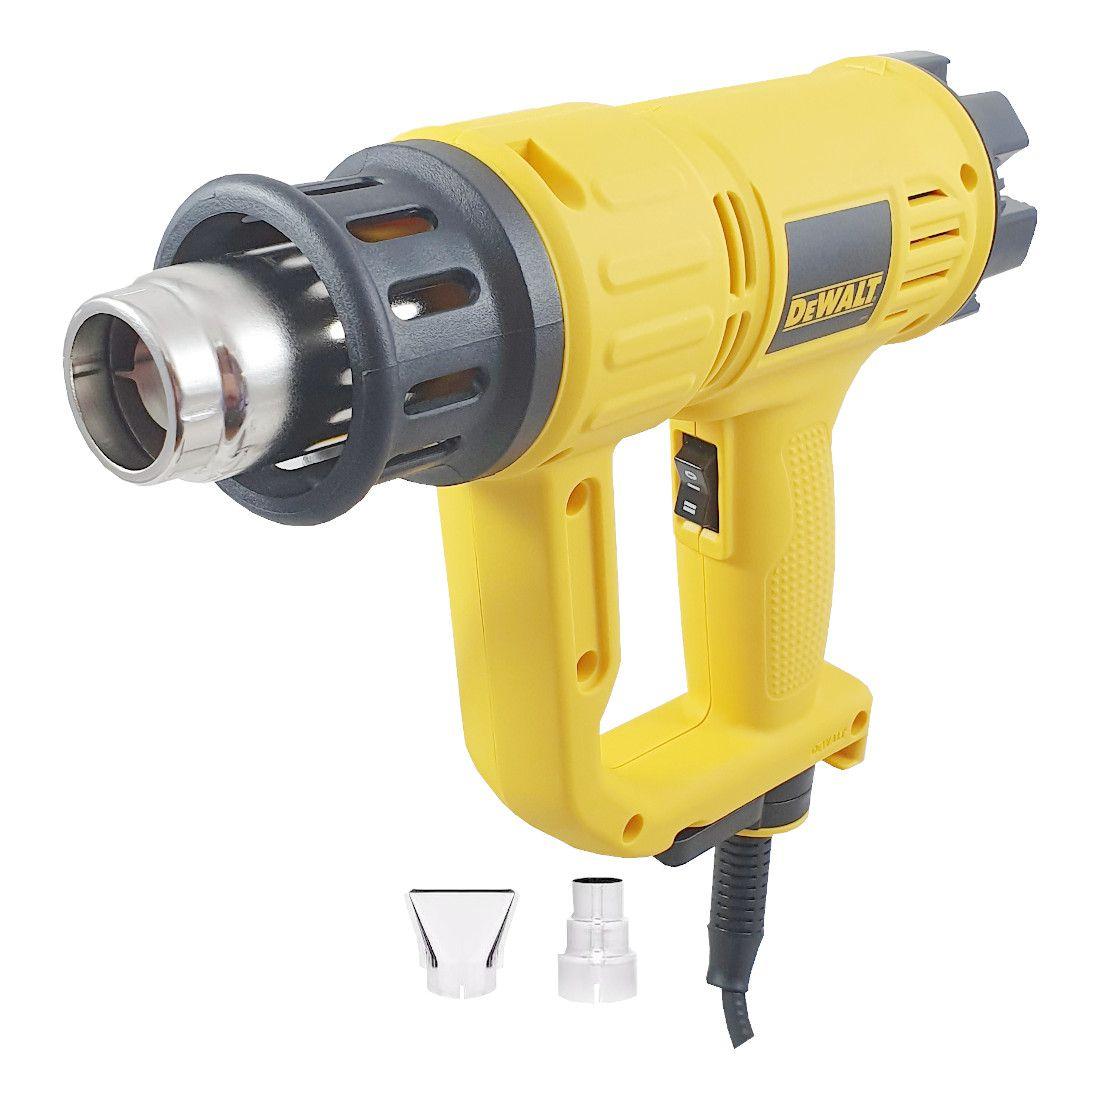 Soprador Térmico 2000W 50 a 600 graus Dewalt D26411